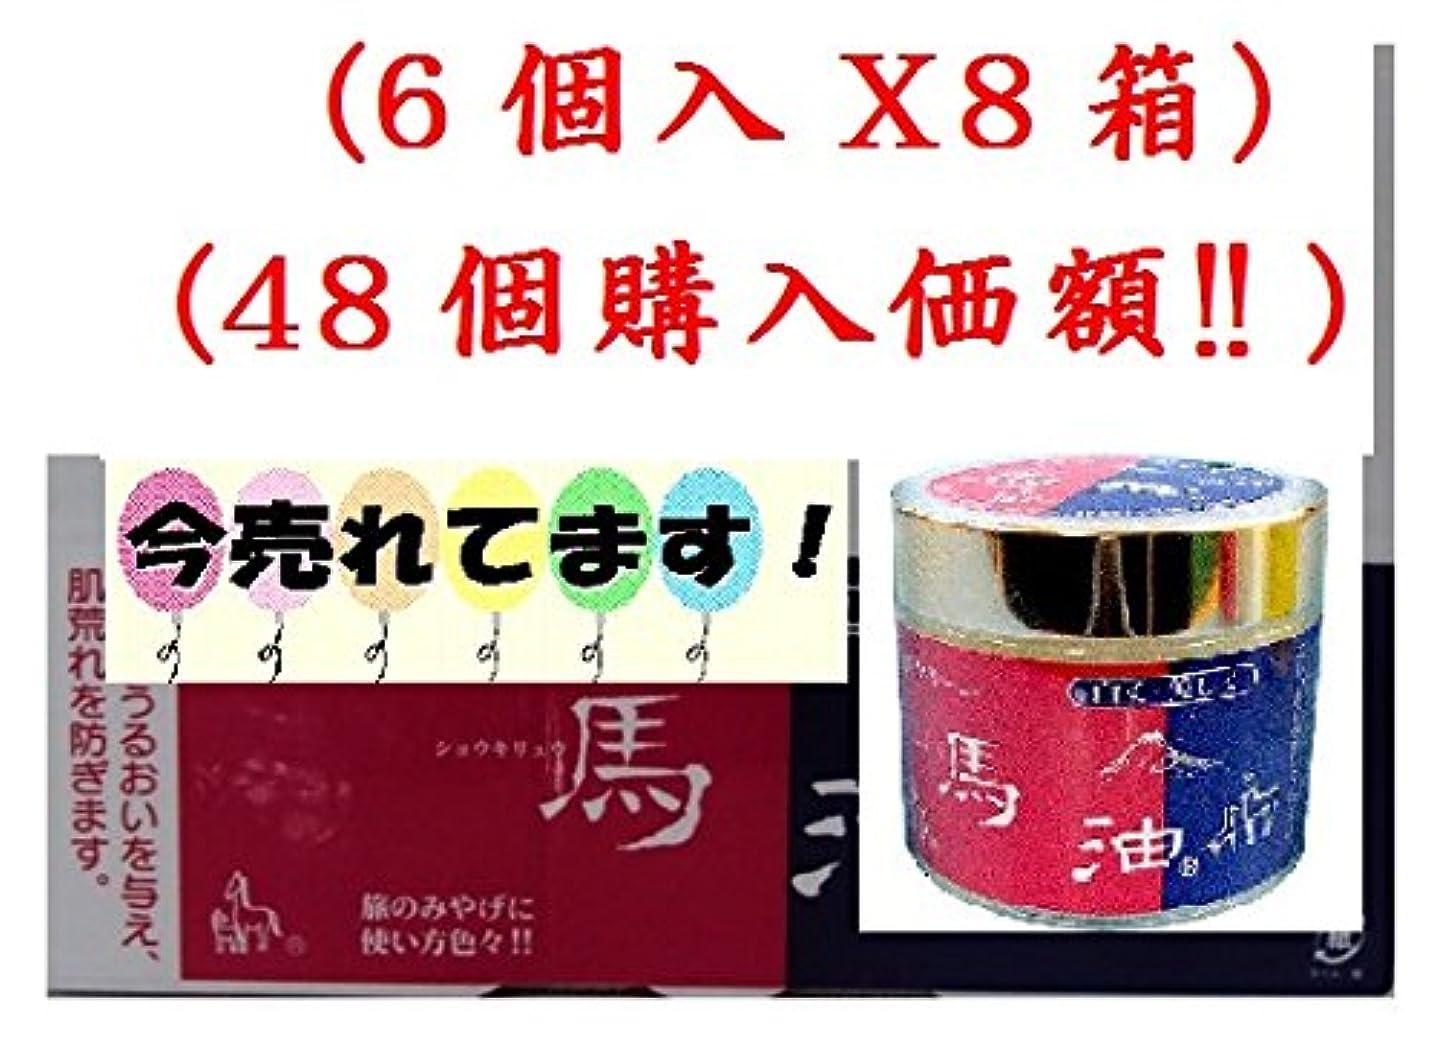 中央値終わった根拠ショウキリュウ馬油素肌クリーム80ml(48個購入特別価額)